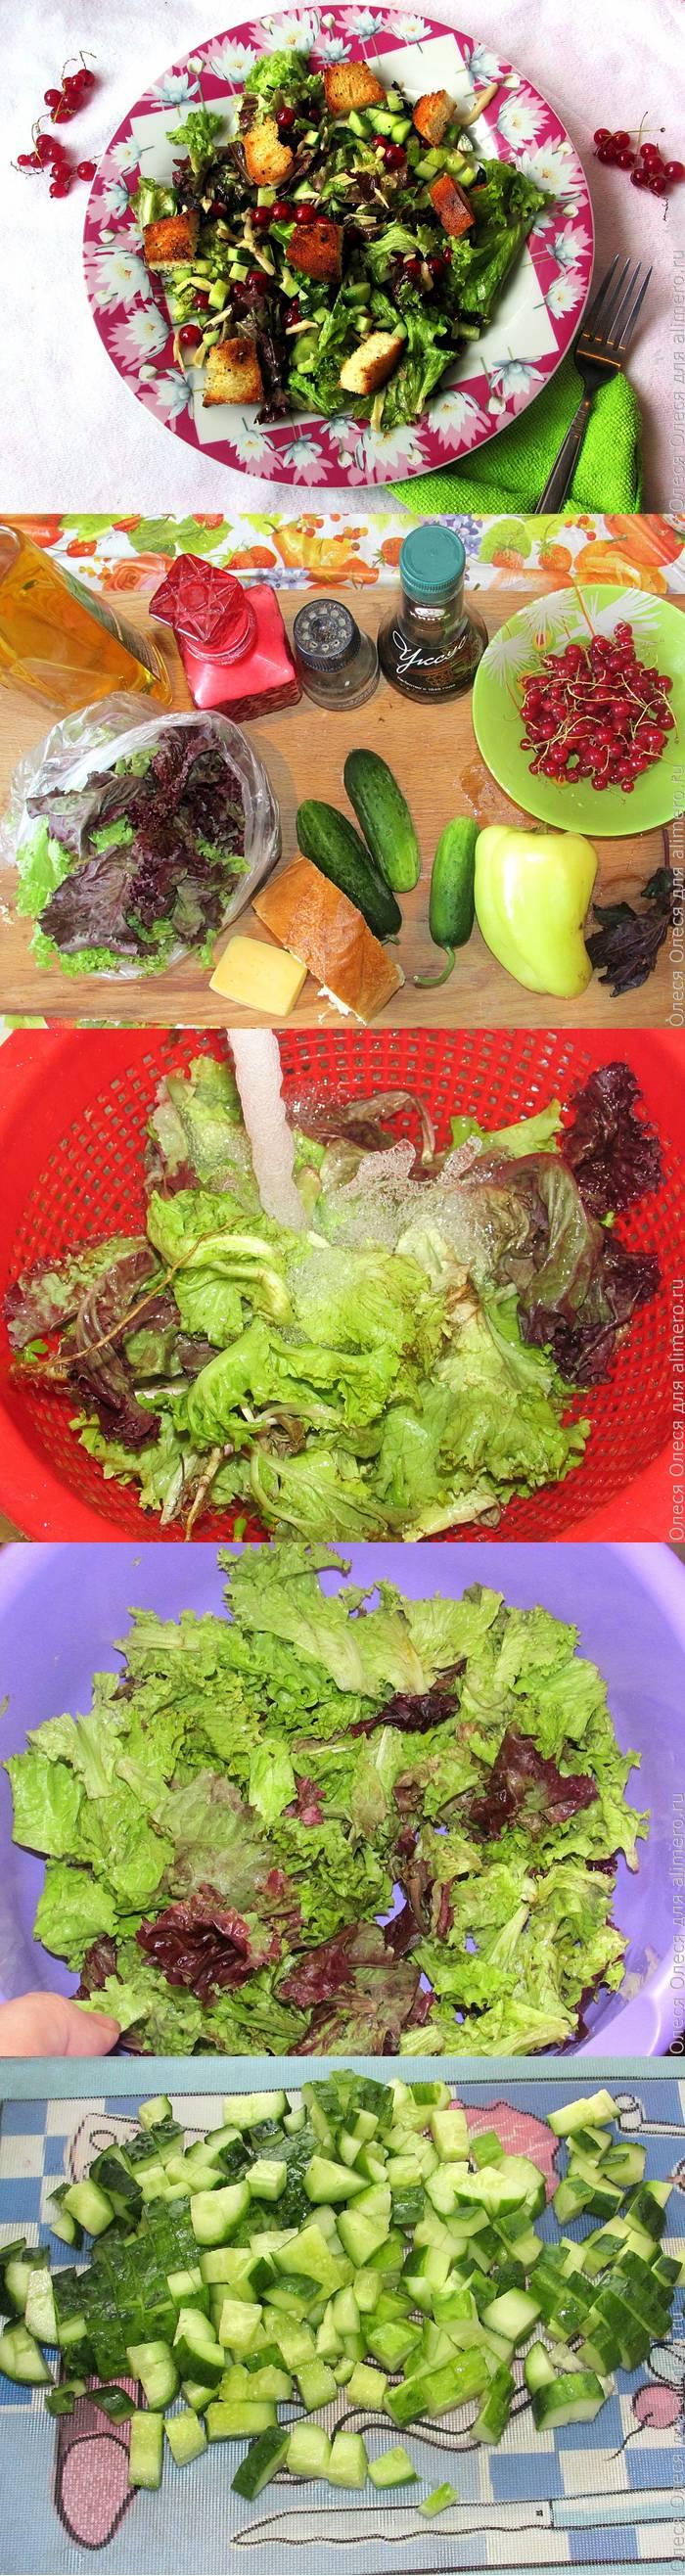 Зеленый салат с красной смородиной